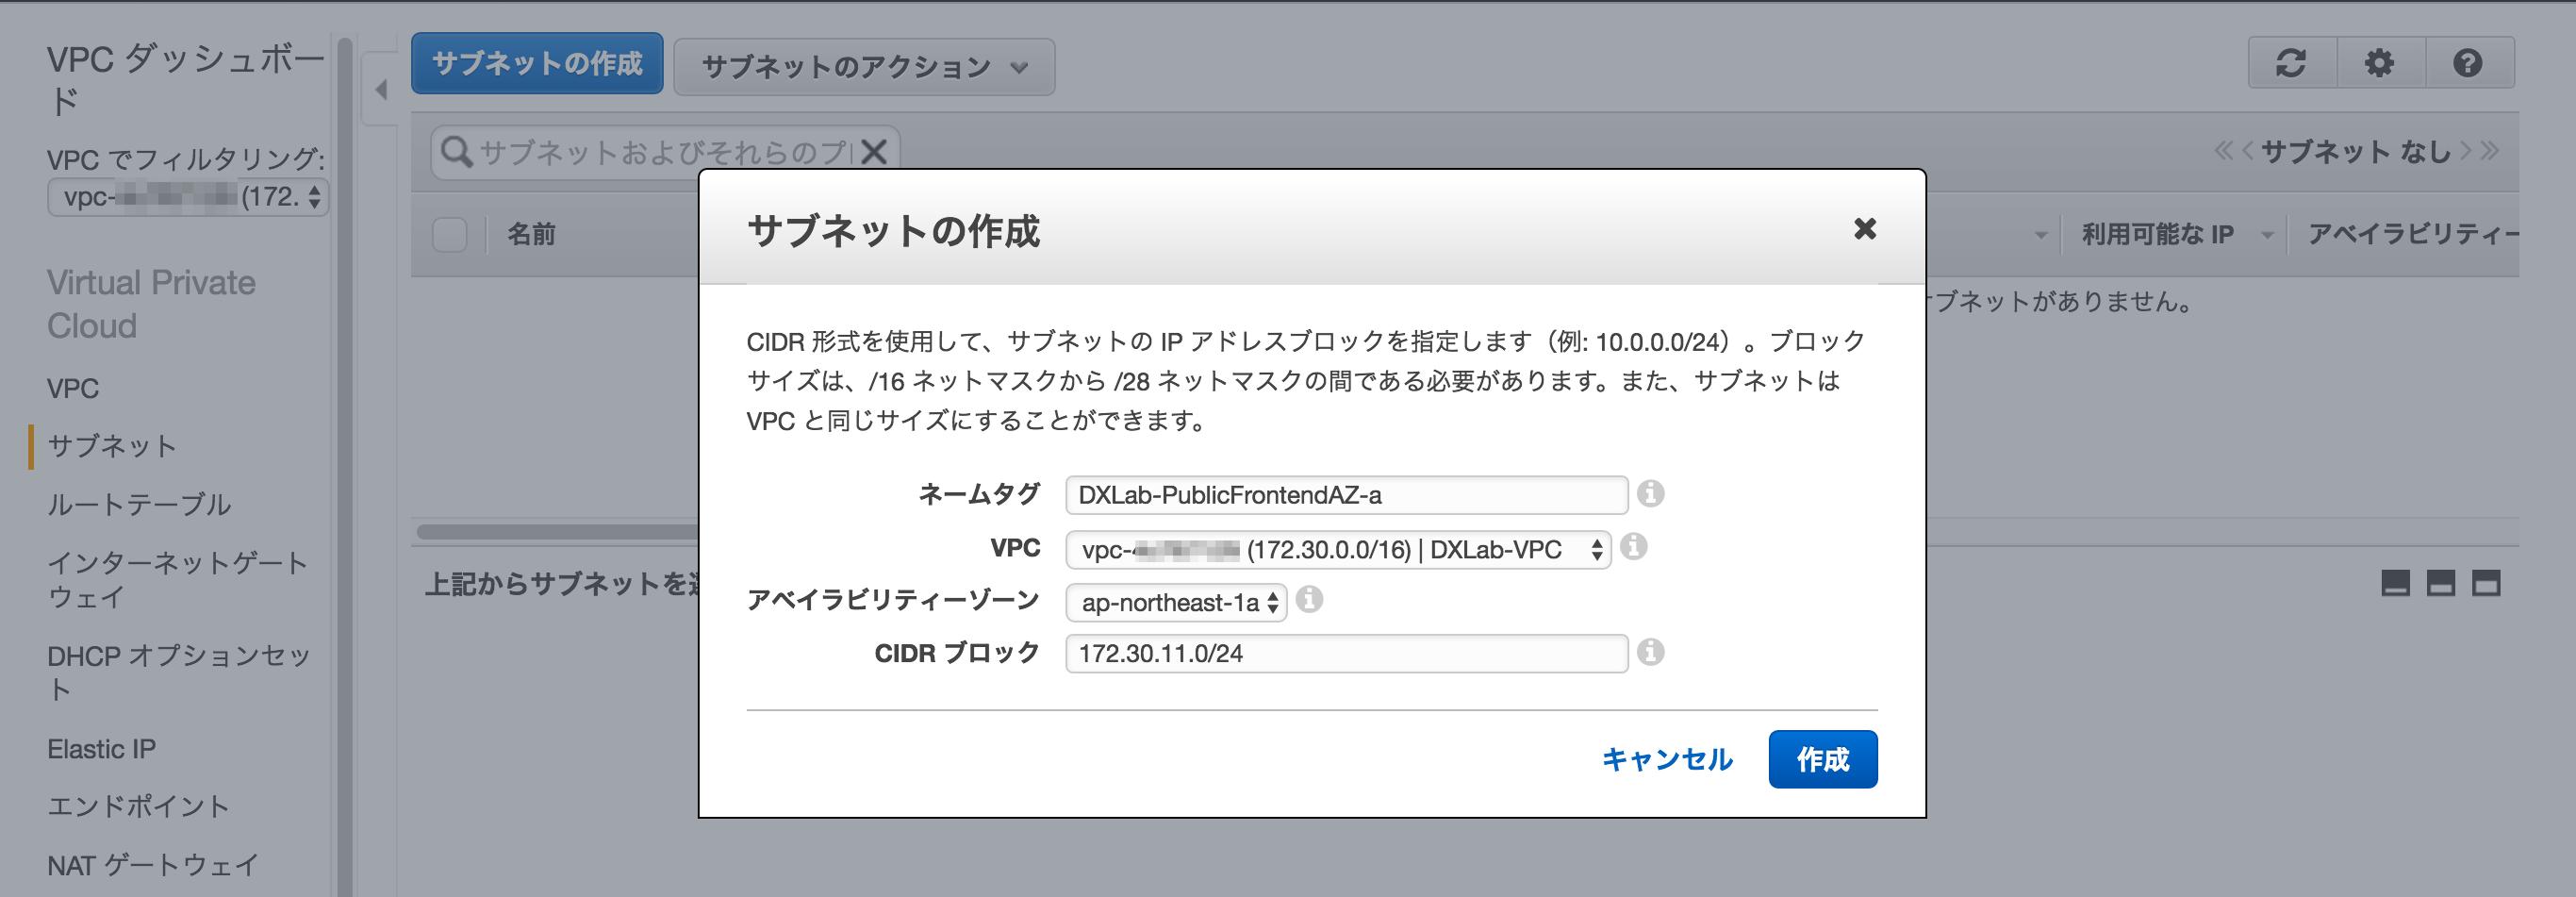 VPC-015